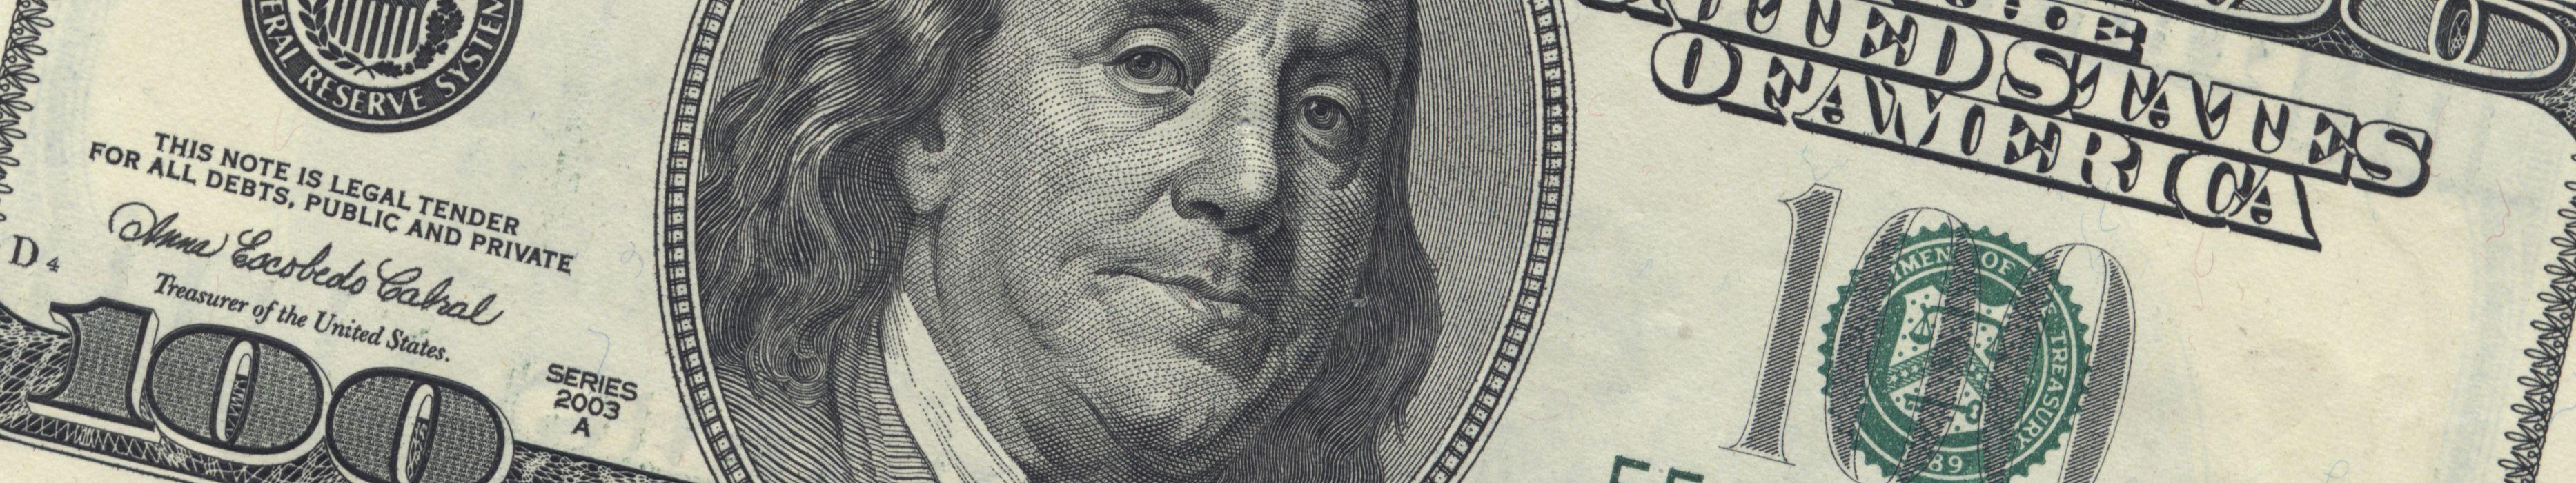 USA dollar bills wallpaper